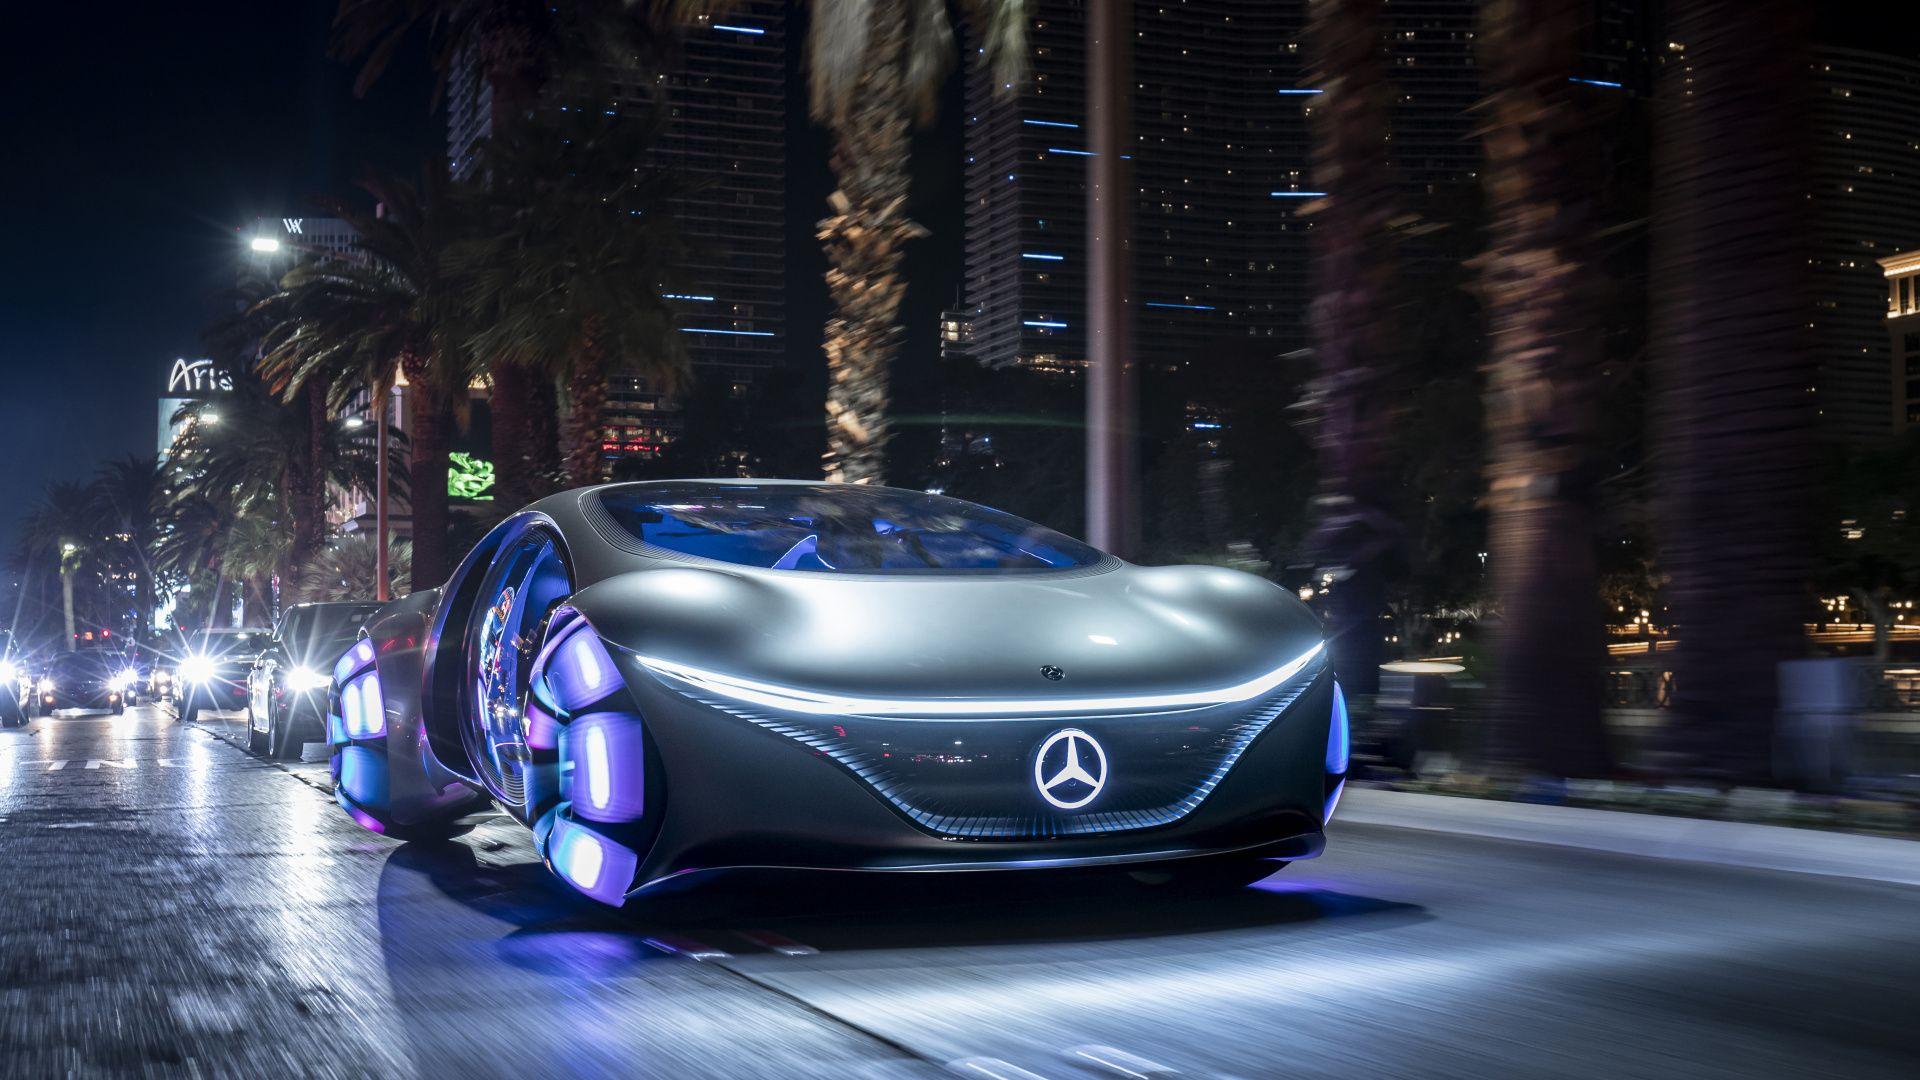 1920x1080 Concept Car Mercedes Benz Vision Avtr 2020 Wallpaper In 2020 Concept Cars Mercedes Benz Car